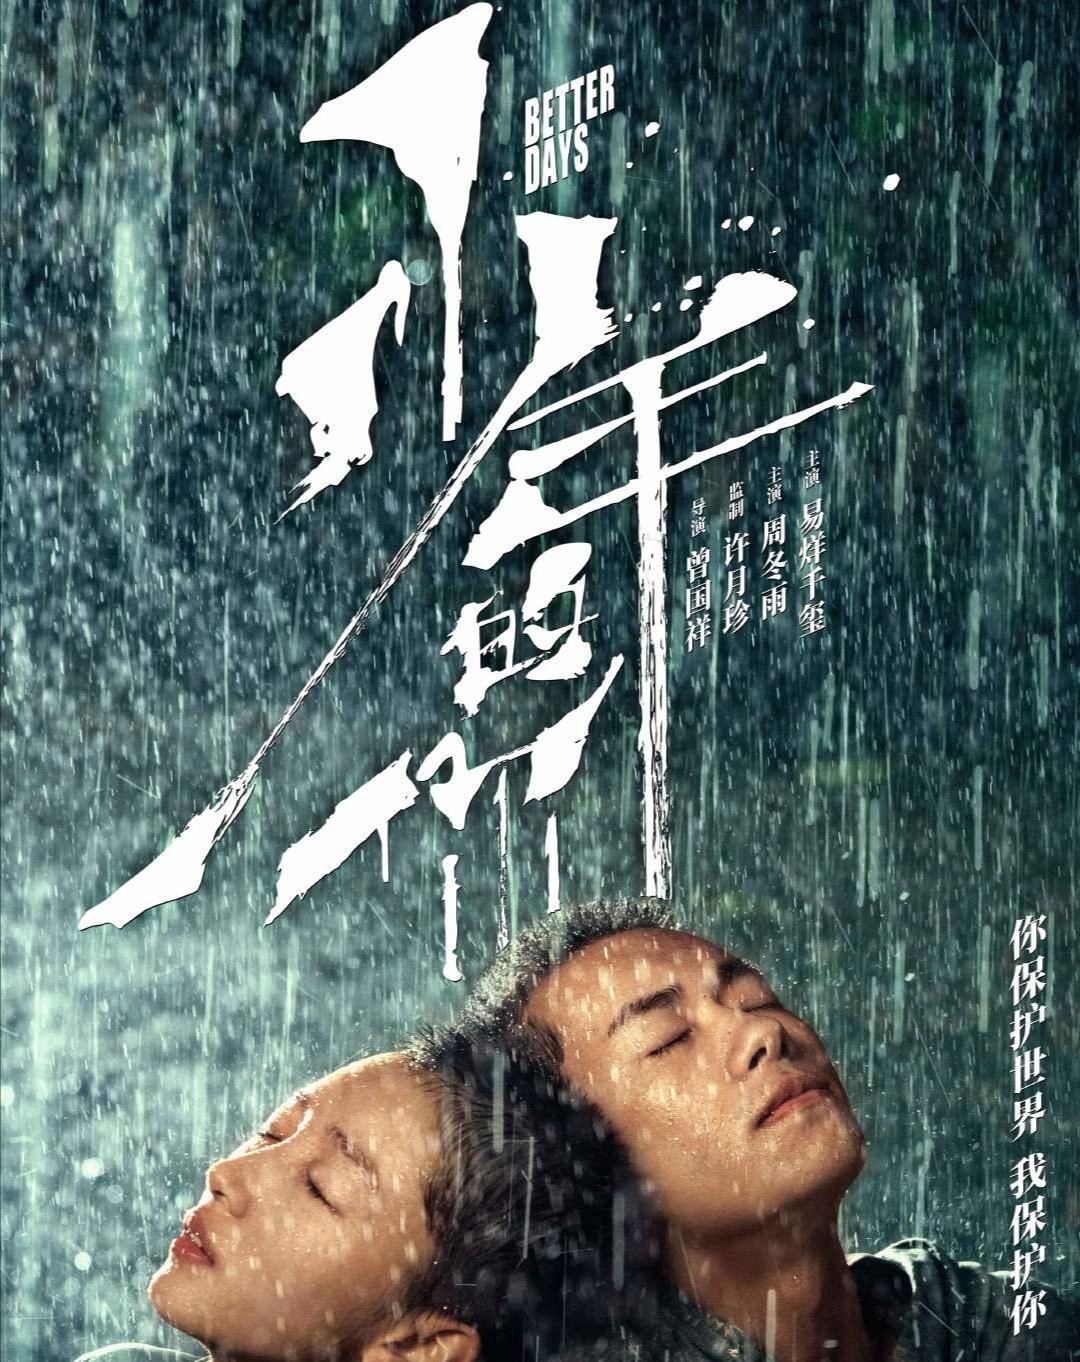 周冬雨、易烊千玺《少年的你》代表香港竞逐奥斯卡最佳国际影片奖